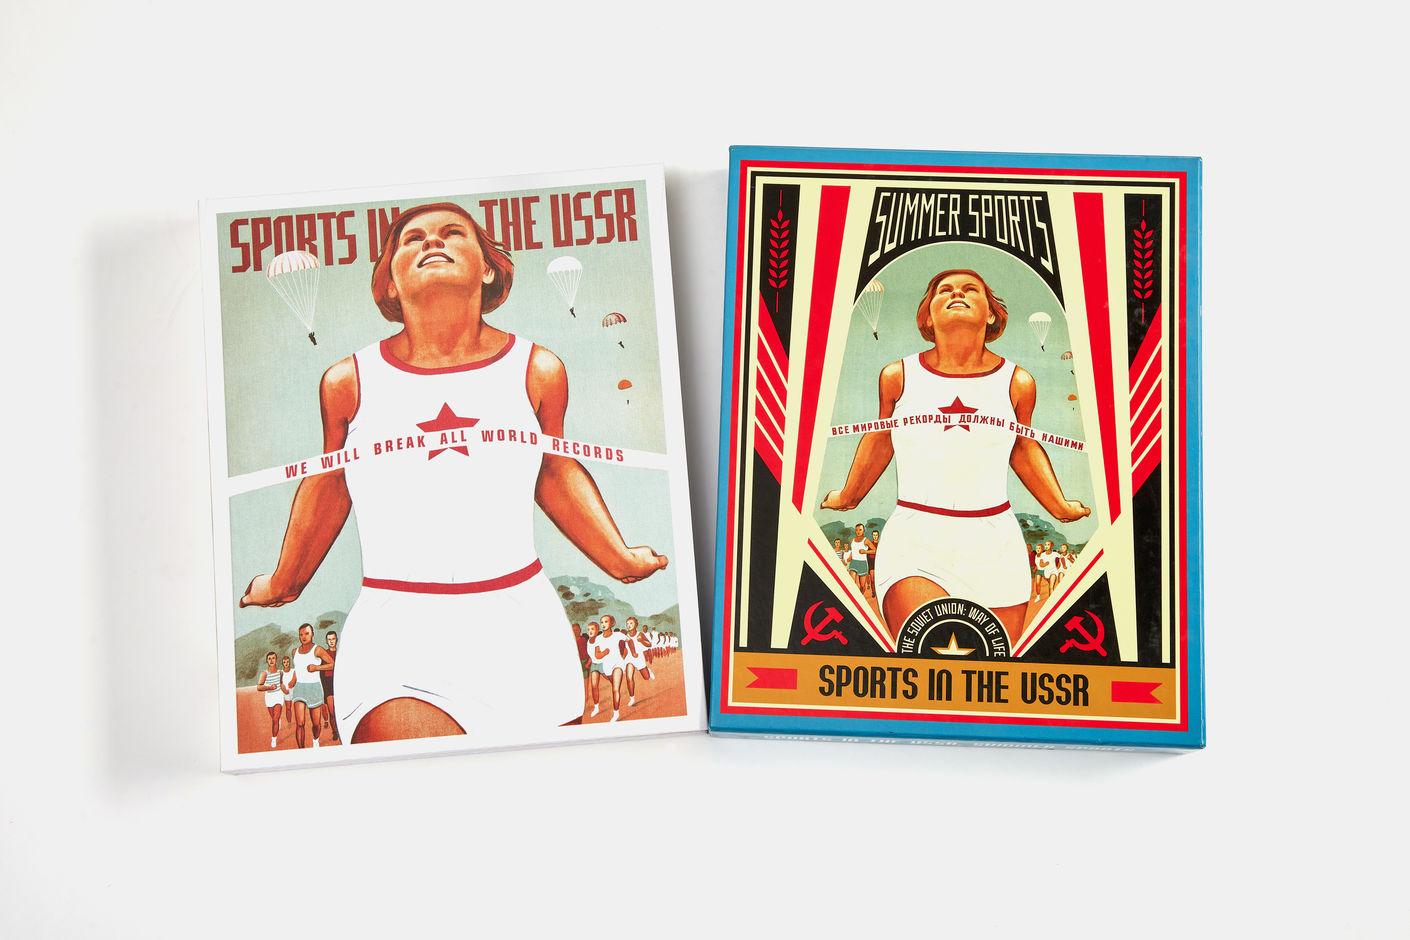 Подарочная книга Спорт в СССР, Агей Томеш